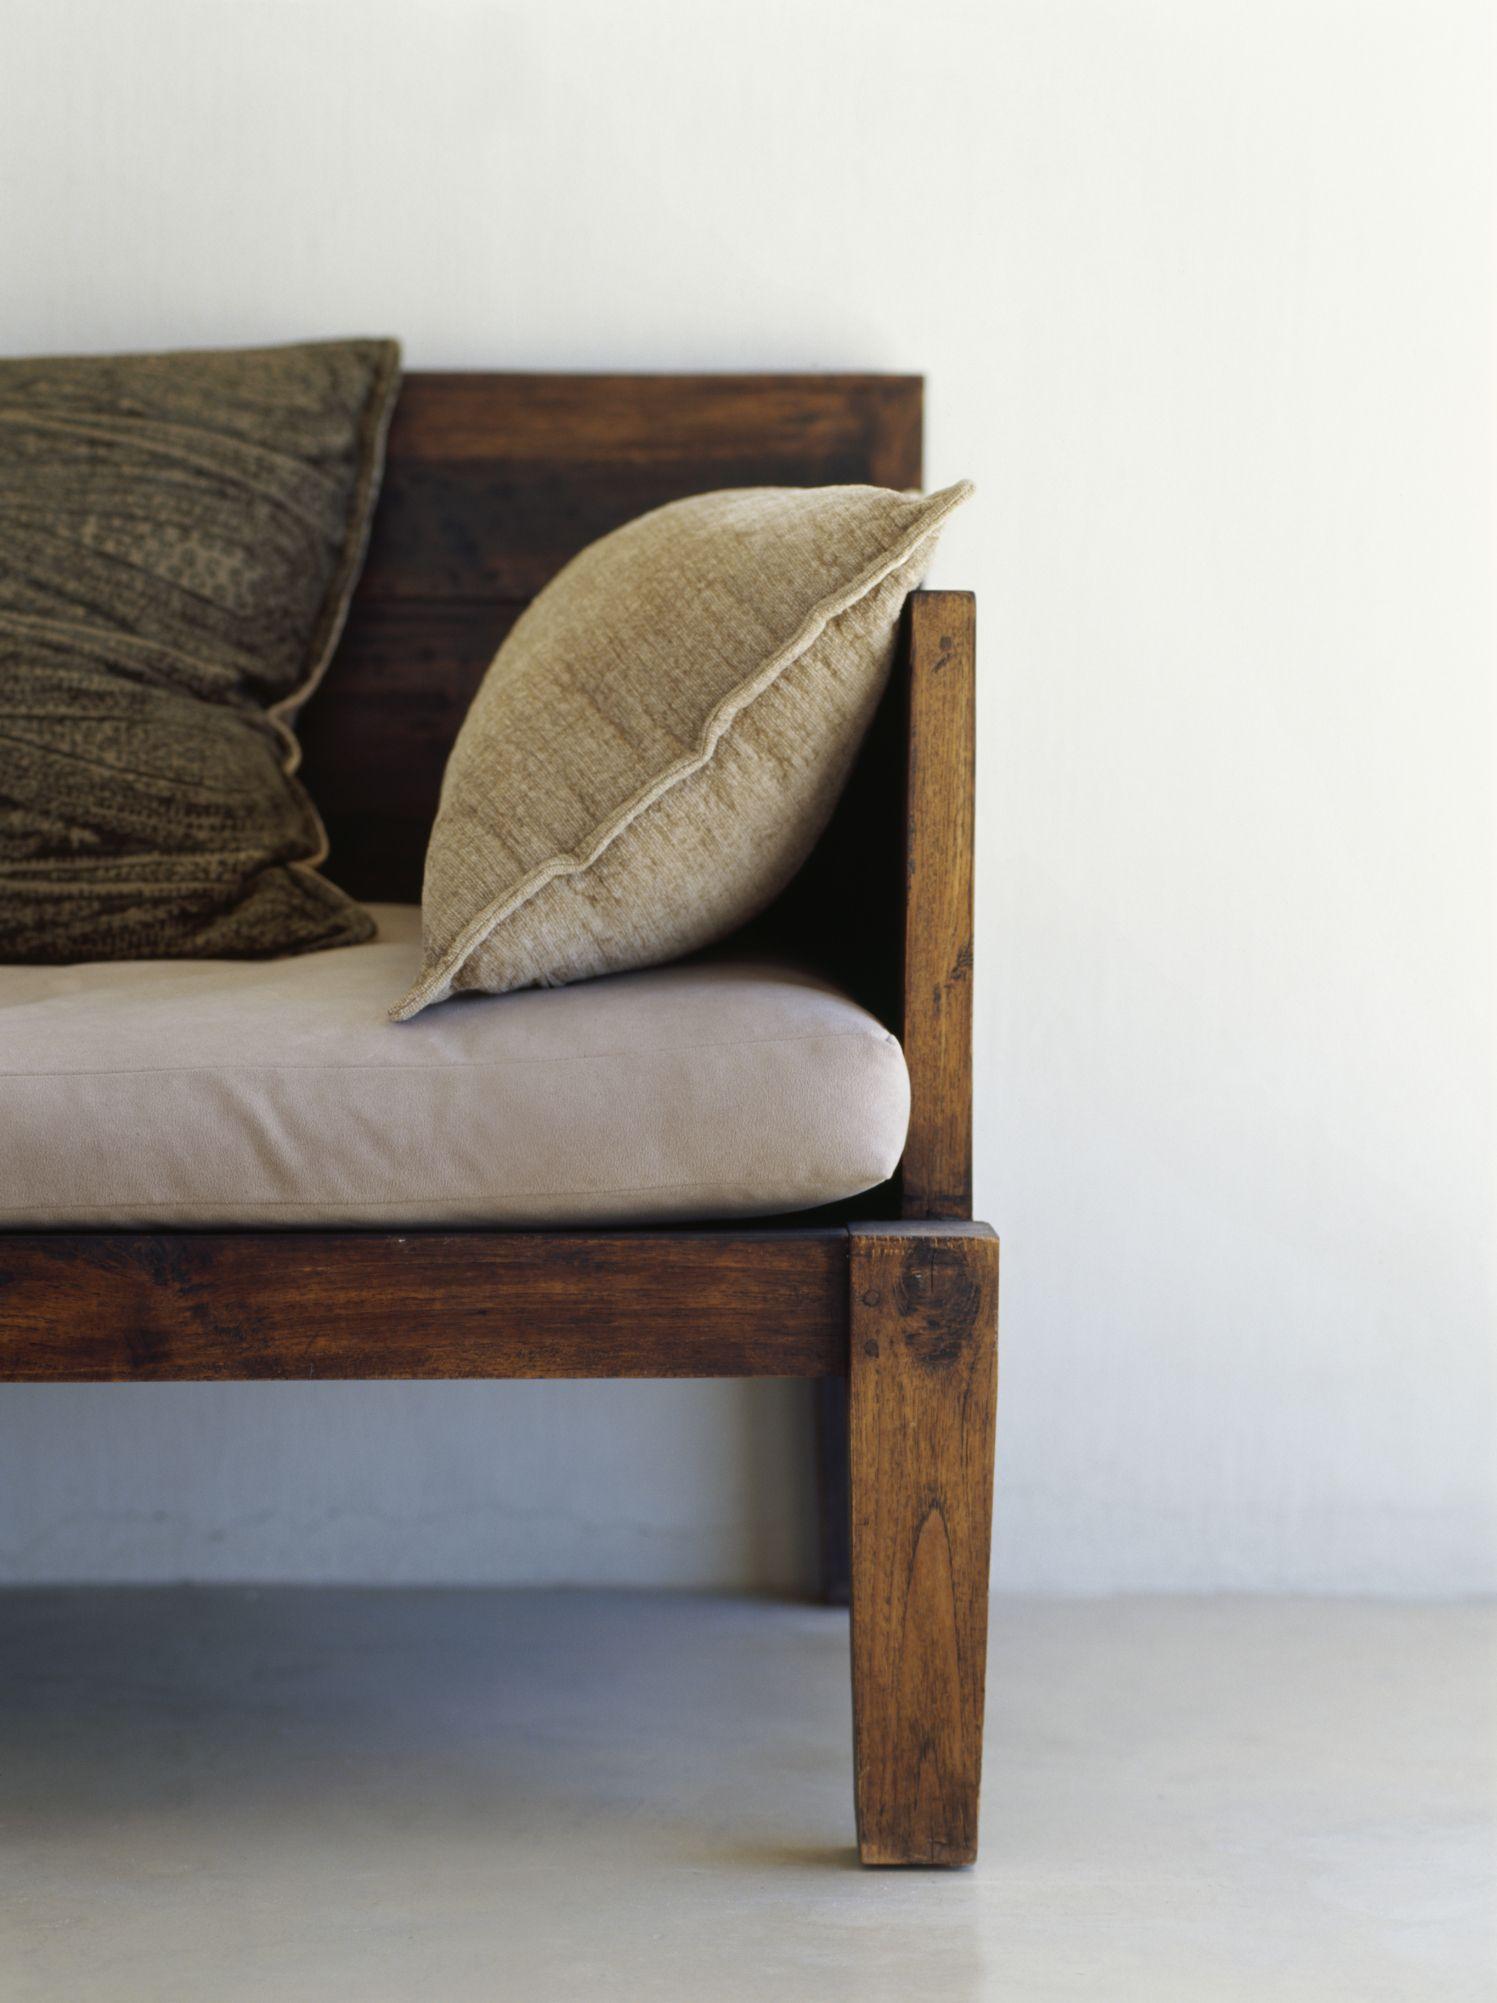 Cómo construir un sofá de dos cuerpos a partir de maderas 2 por 4 ...